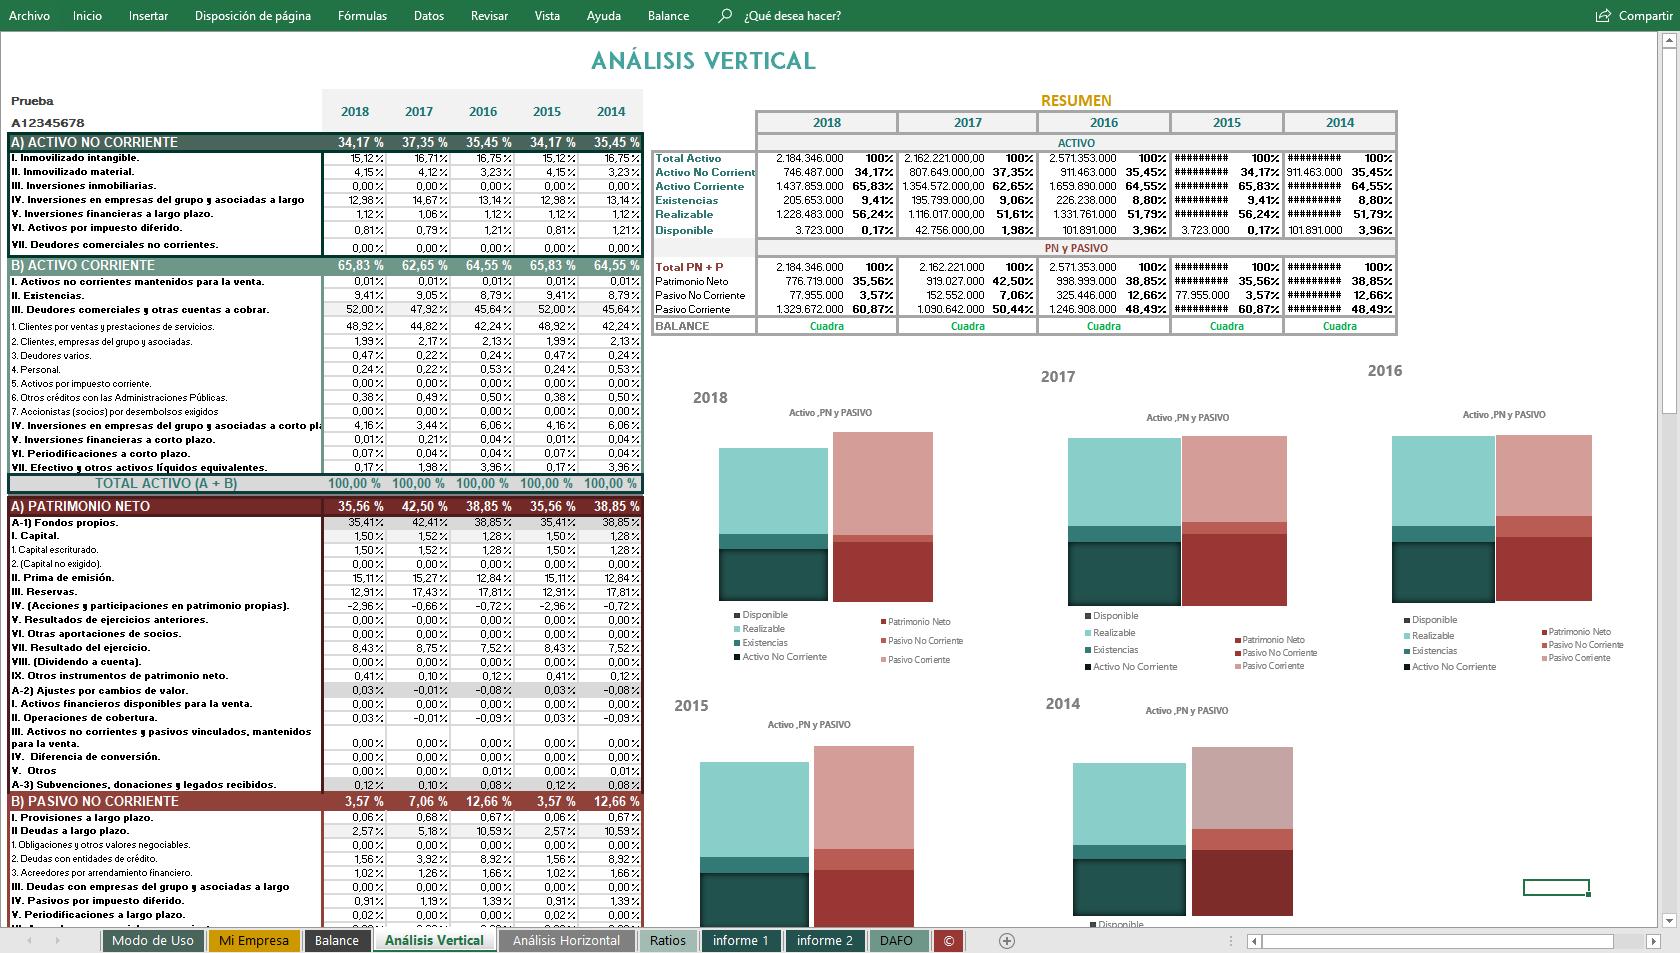 Análisis vertical del estado financiero